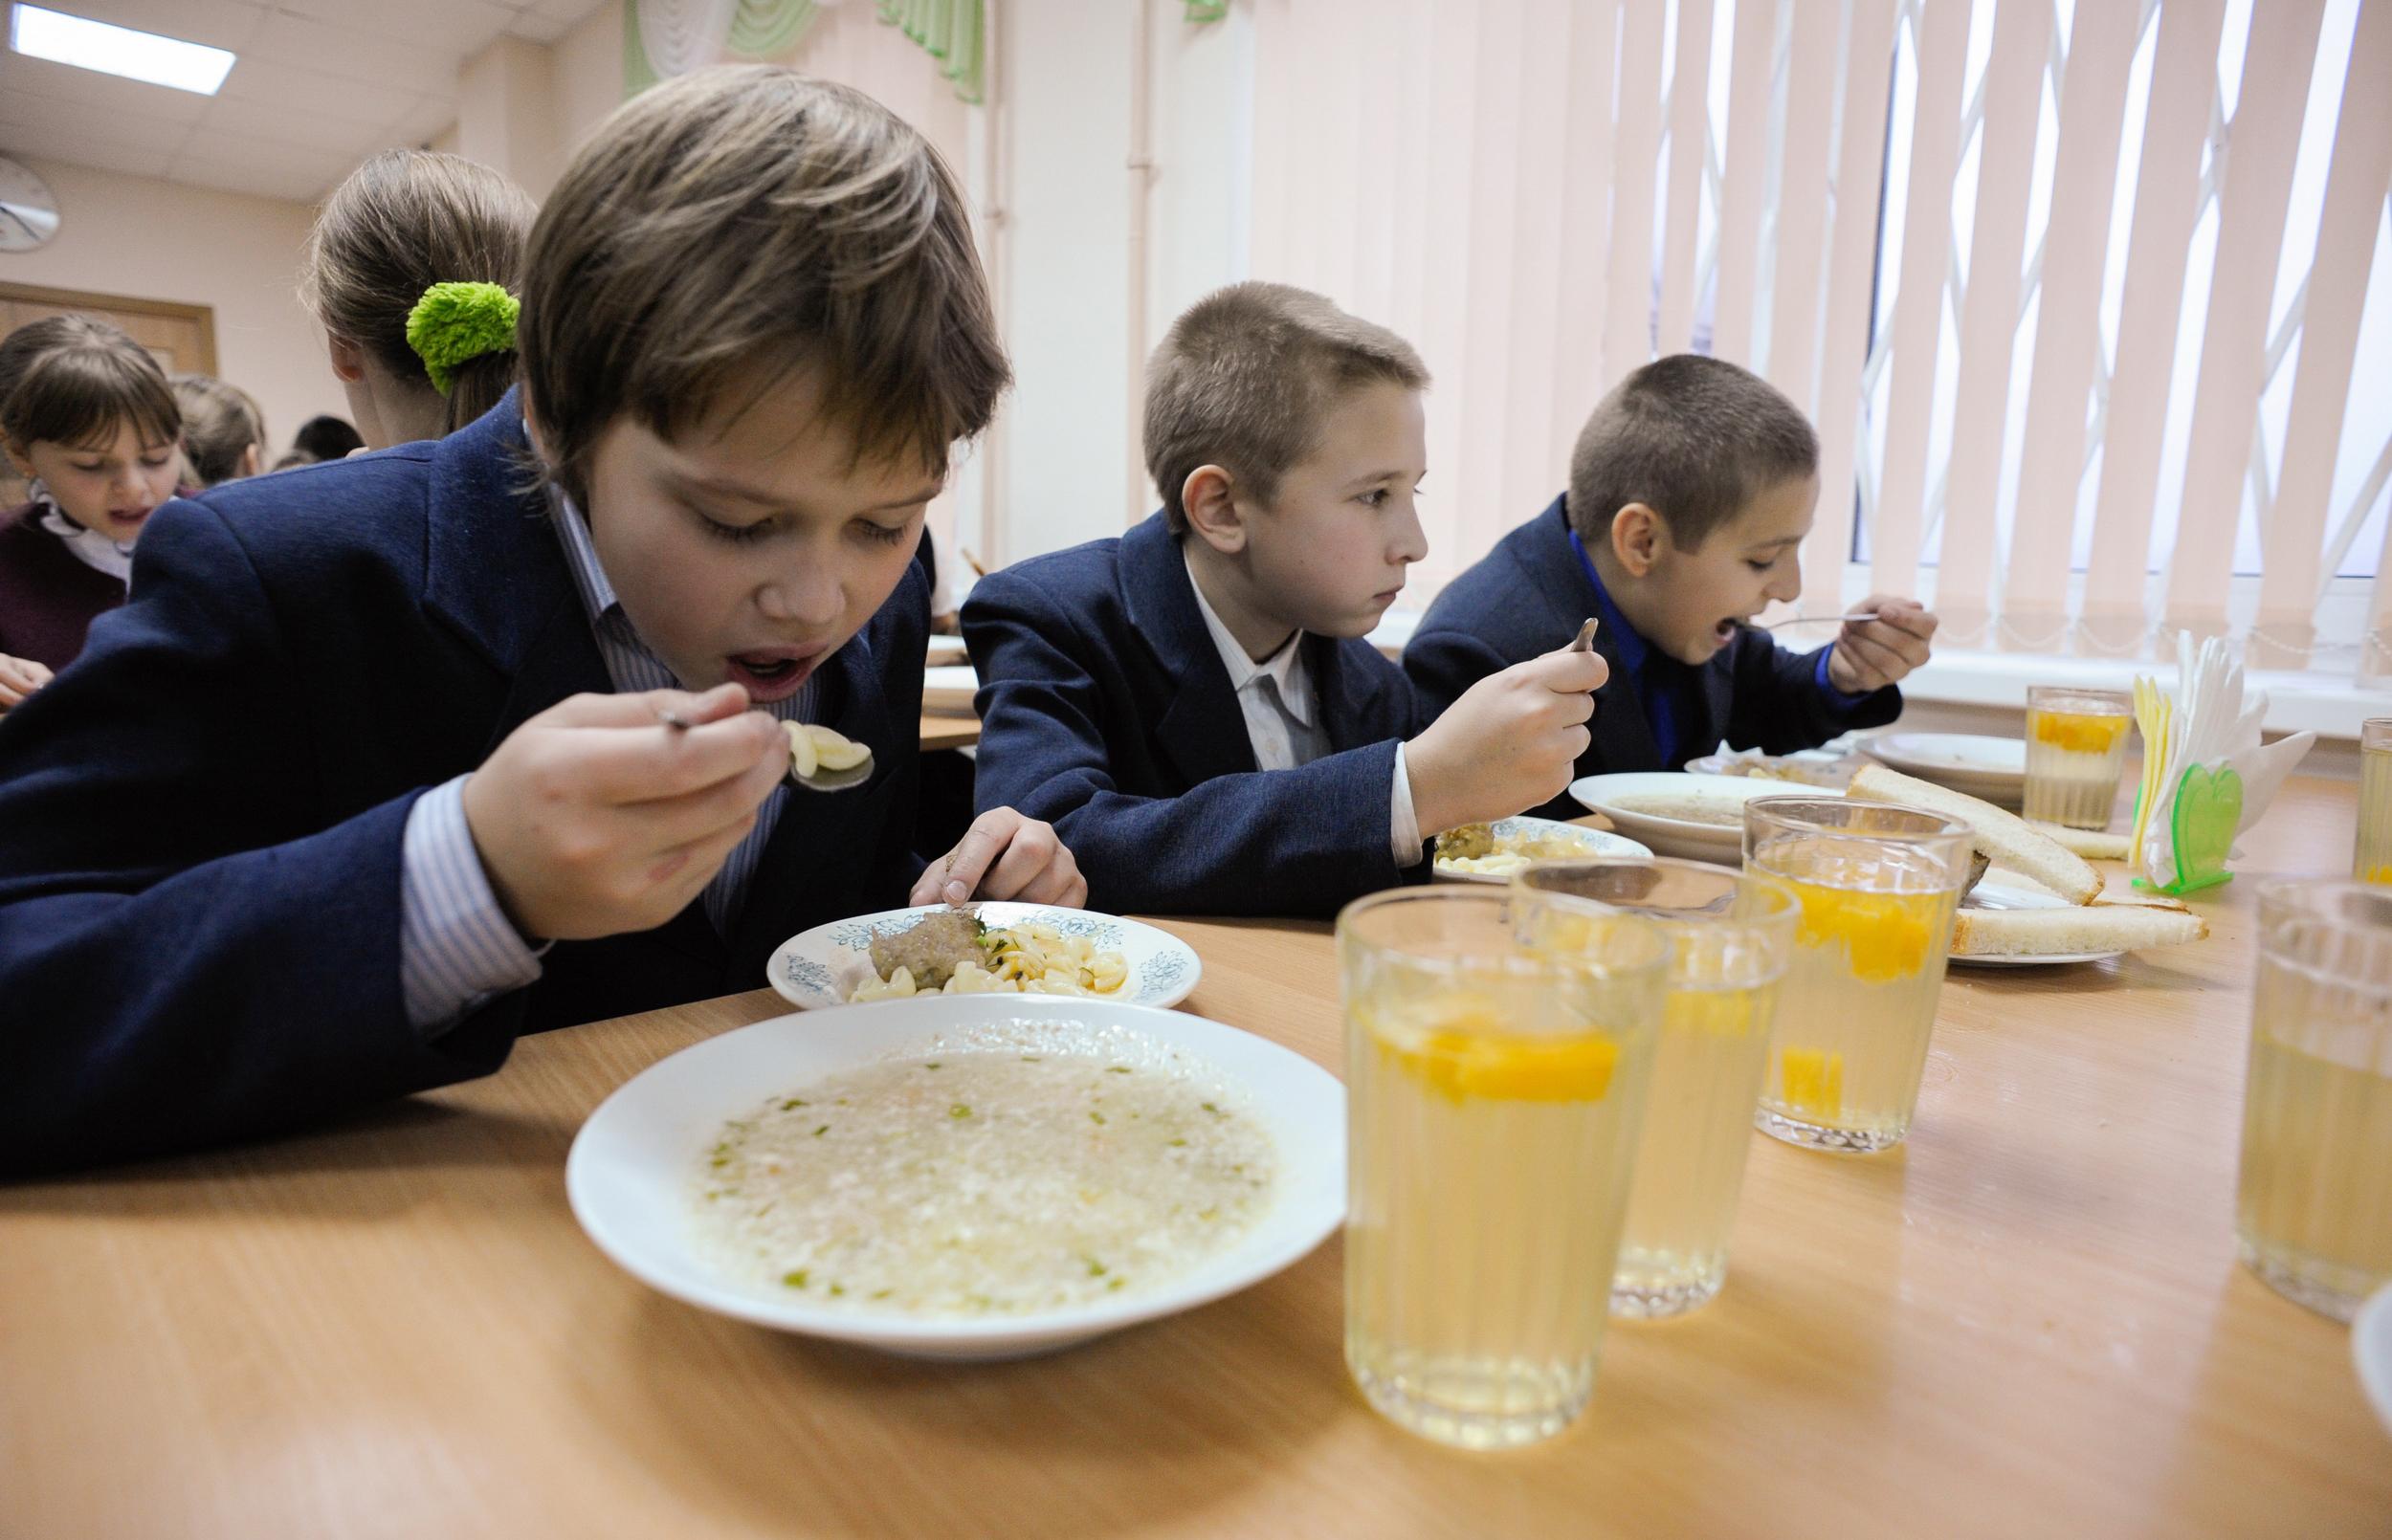 На харчування франківських школярів з міської казни виділили більше 26 мільйонів гривень (відеосюжет)